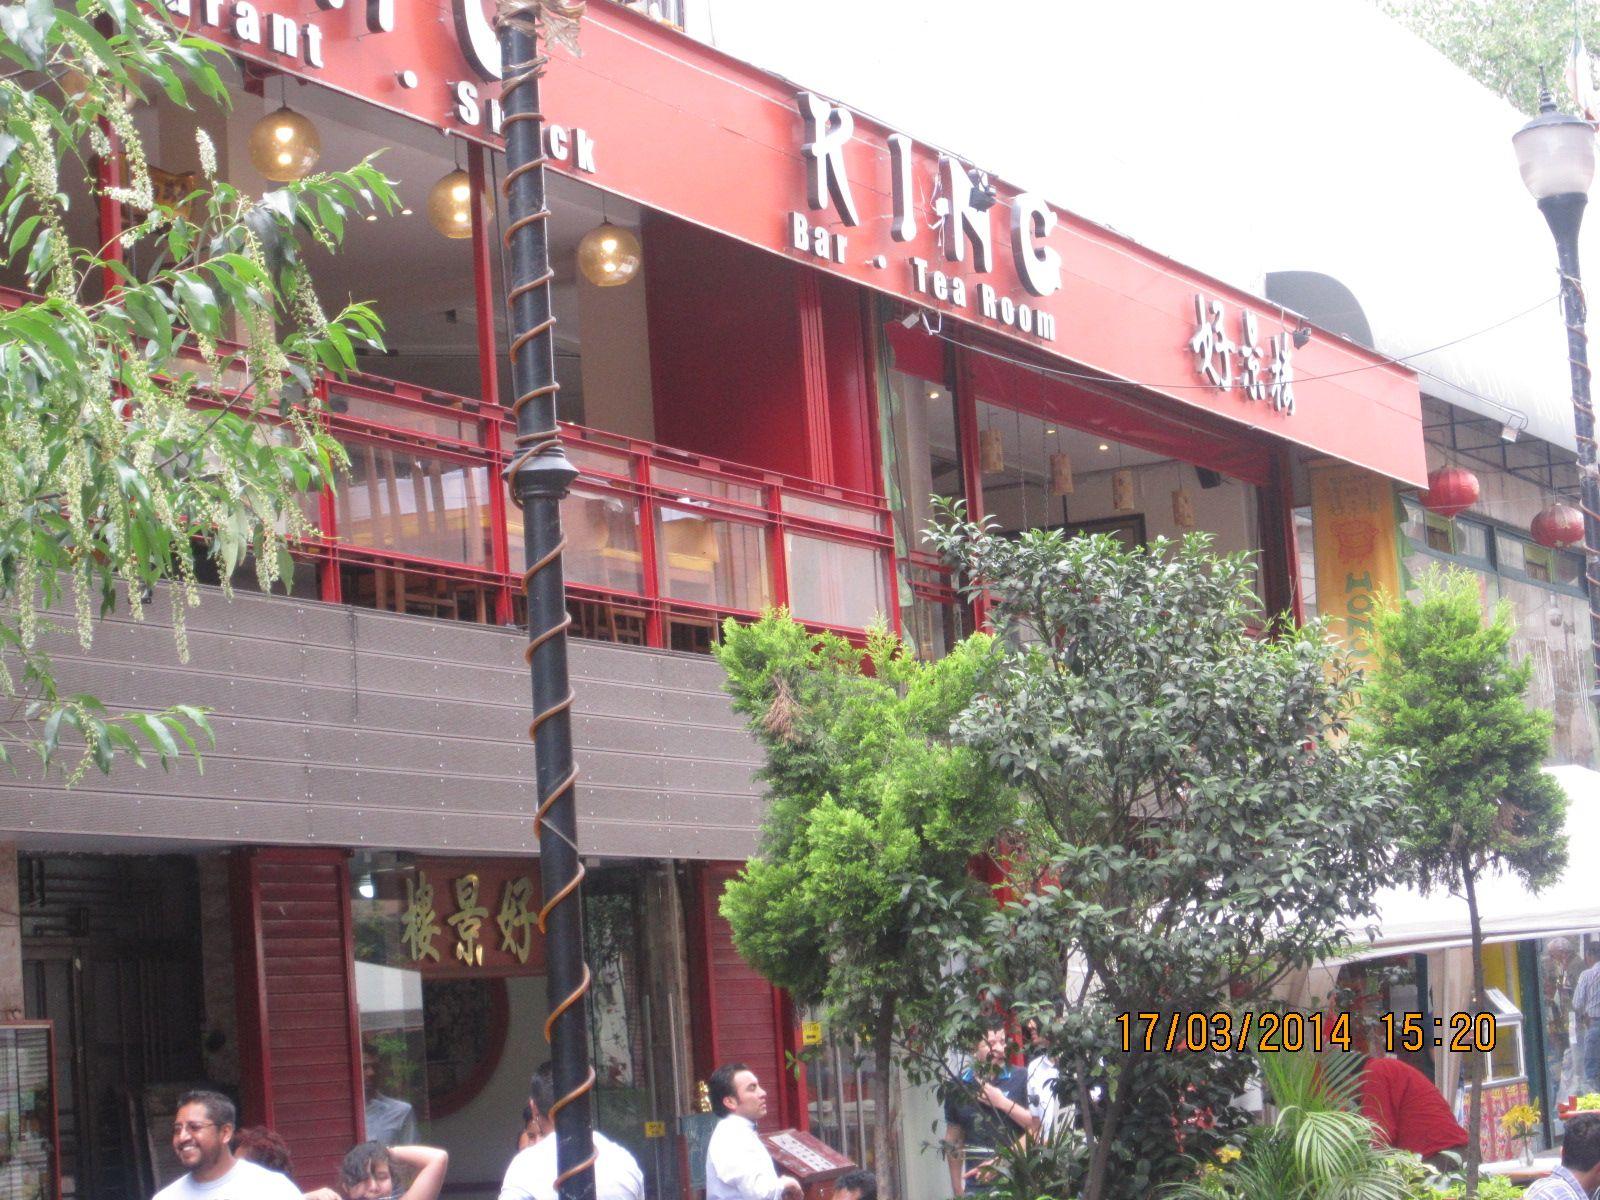 Este restaurante se nos hizo de los más ambientados e inclinados a traer China a México, por su estructura.